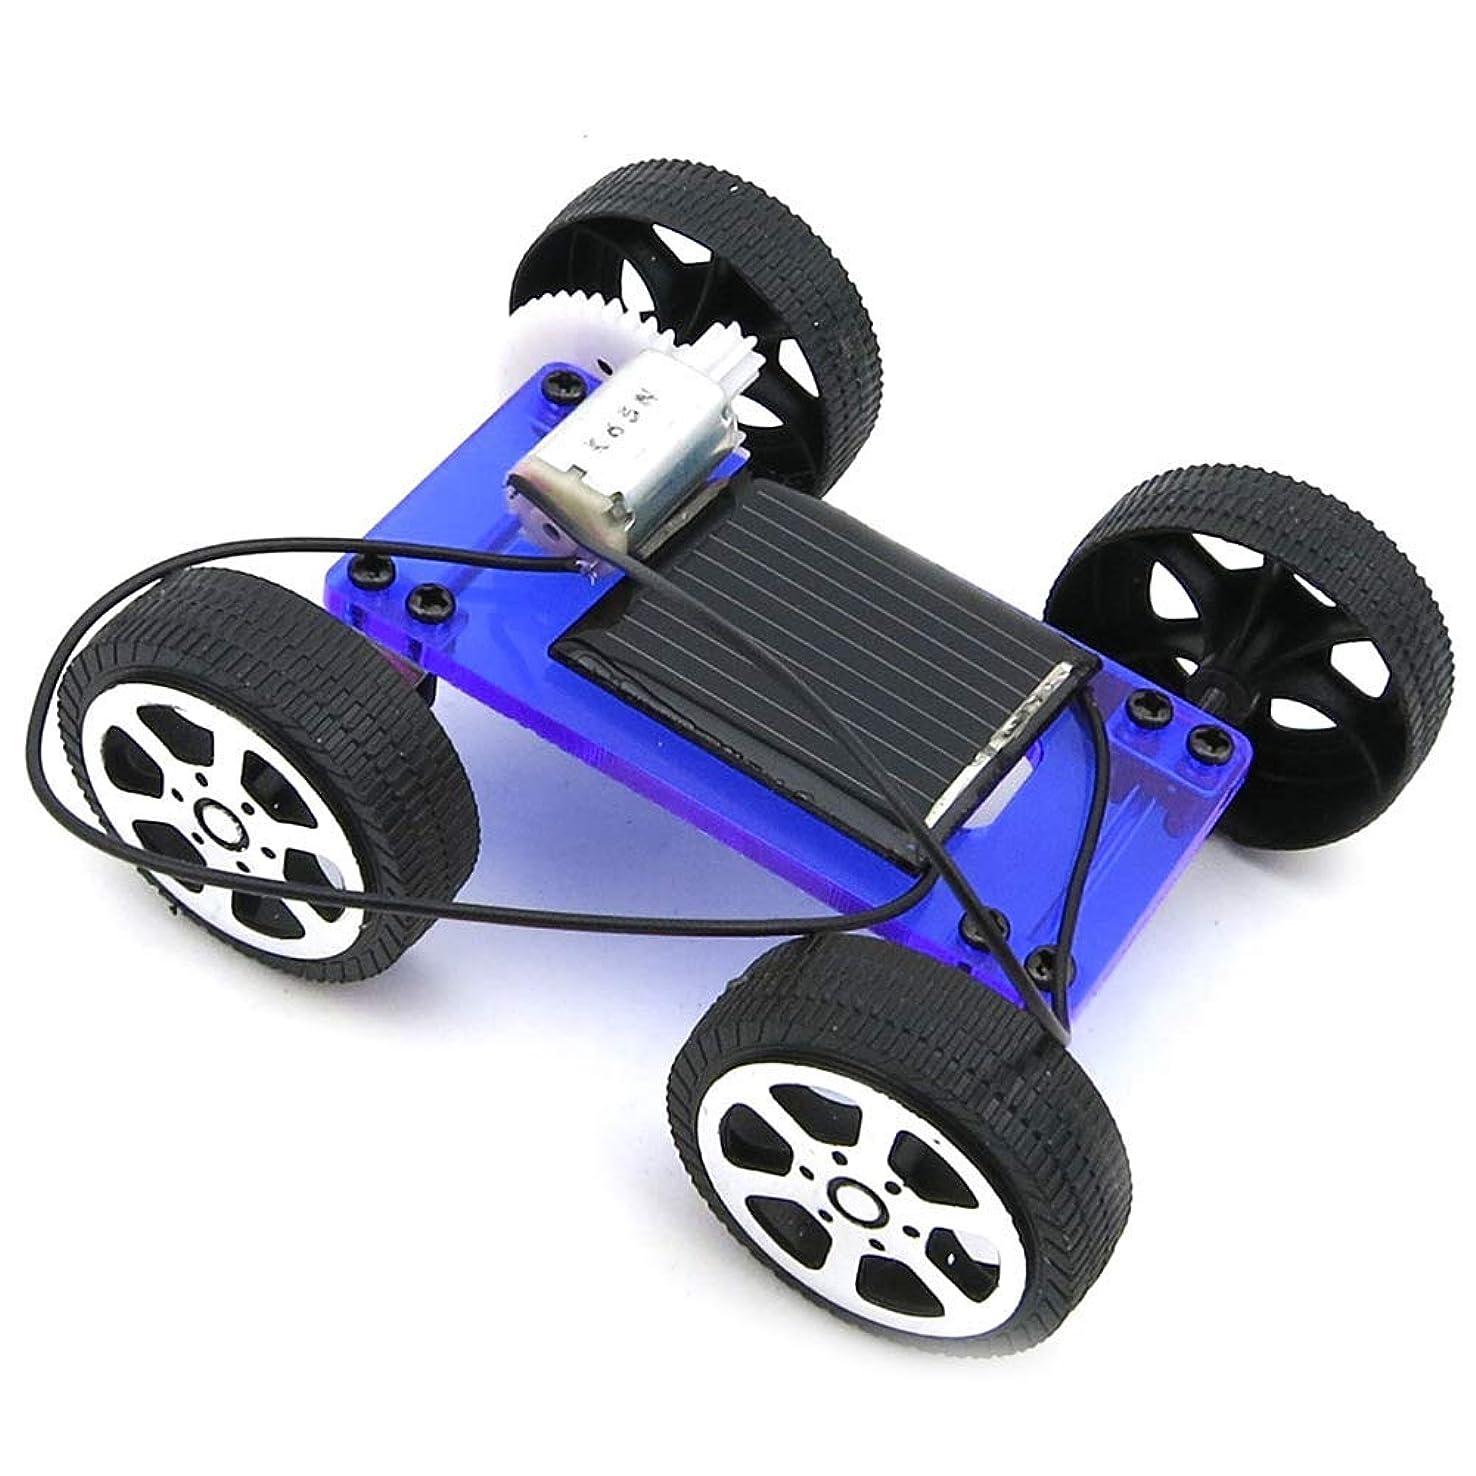 暴君黒板アンケートMen club ミニDIYアセンブリソーラーパネルエネルギー車車両モデル子供教育玩具ブルークリエイティブで便利